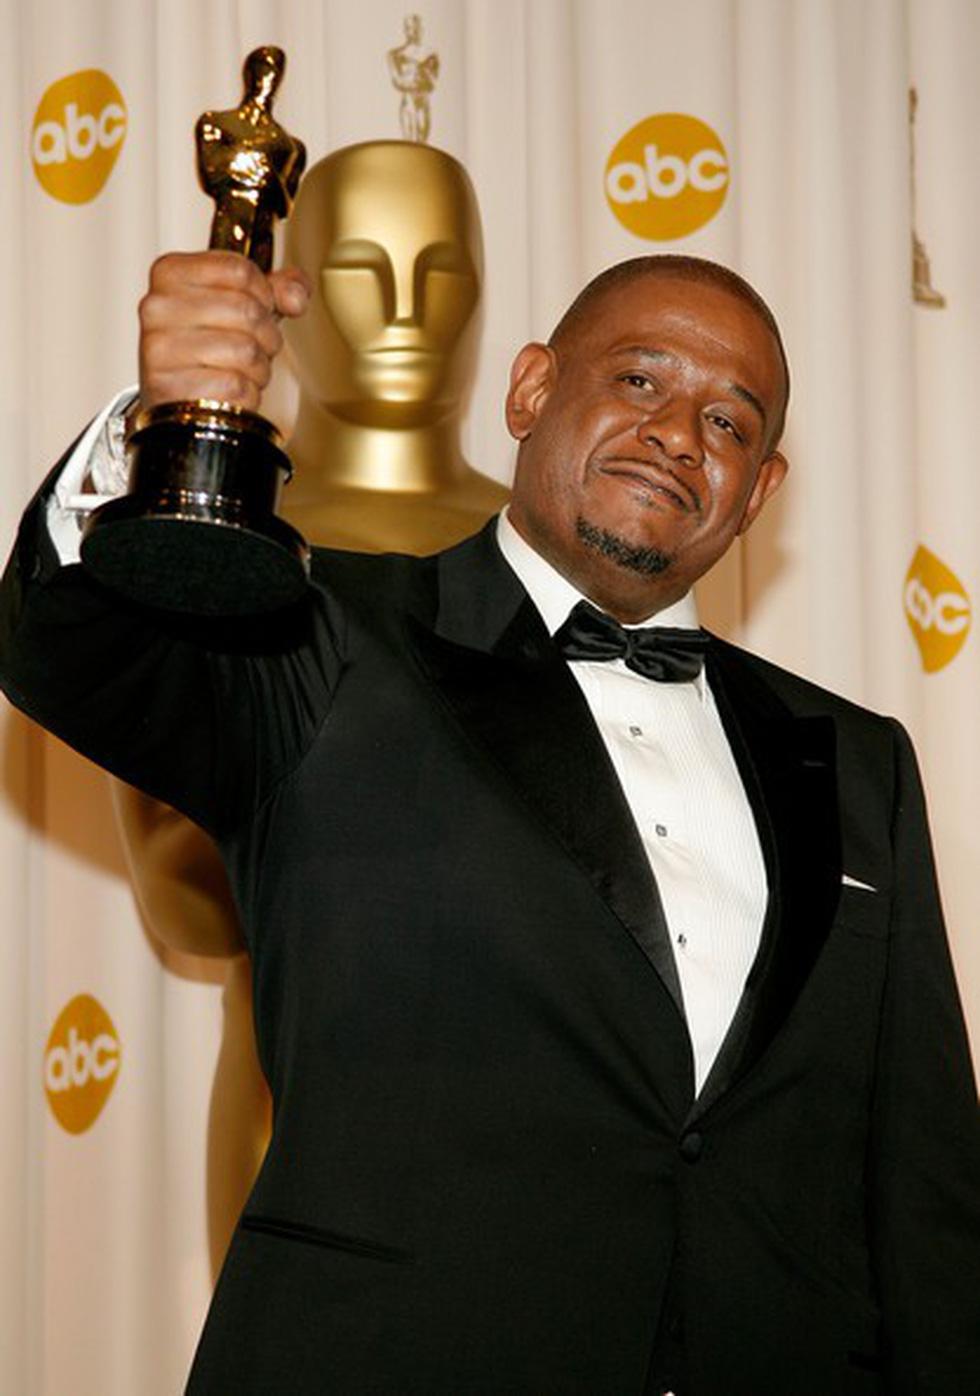 Xem clip điểm danh 90 nam tài tử nhận Oscar qua các thời đại - Ảnh 6.